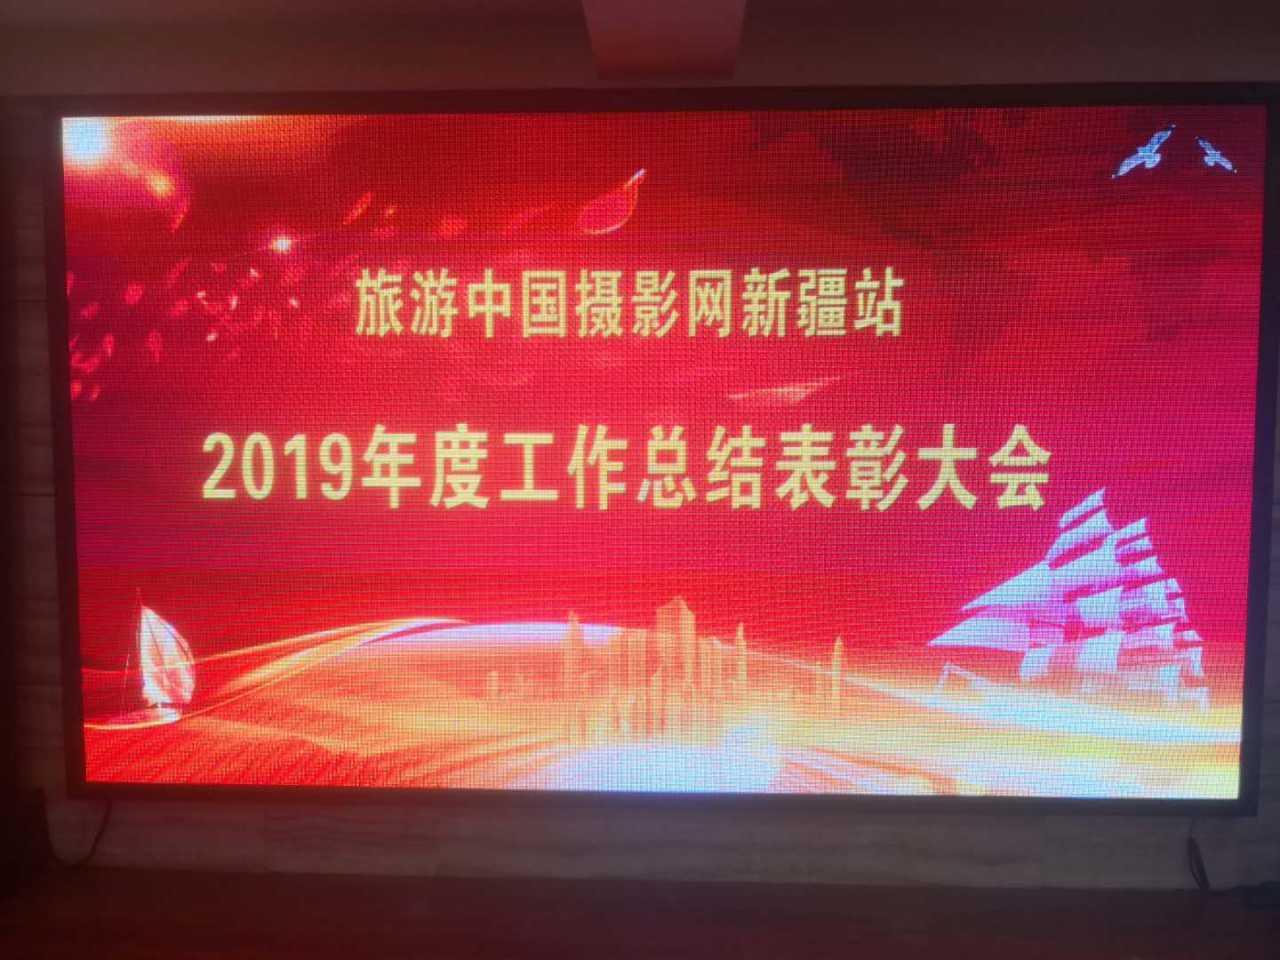 祝2019年度旅游中国摄影网新疆站工作总结及表彰大会圆满成功。]